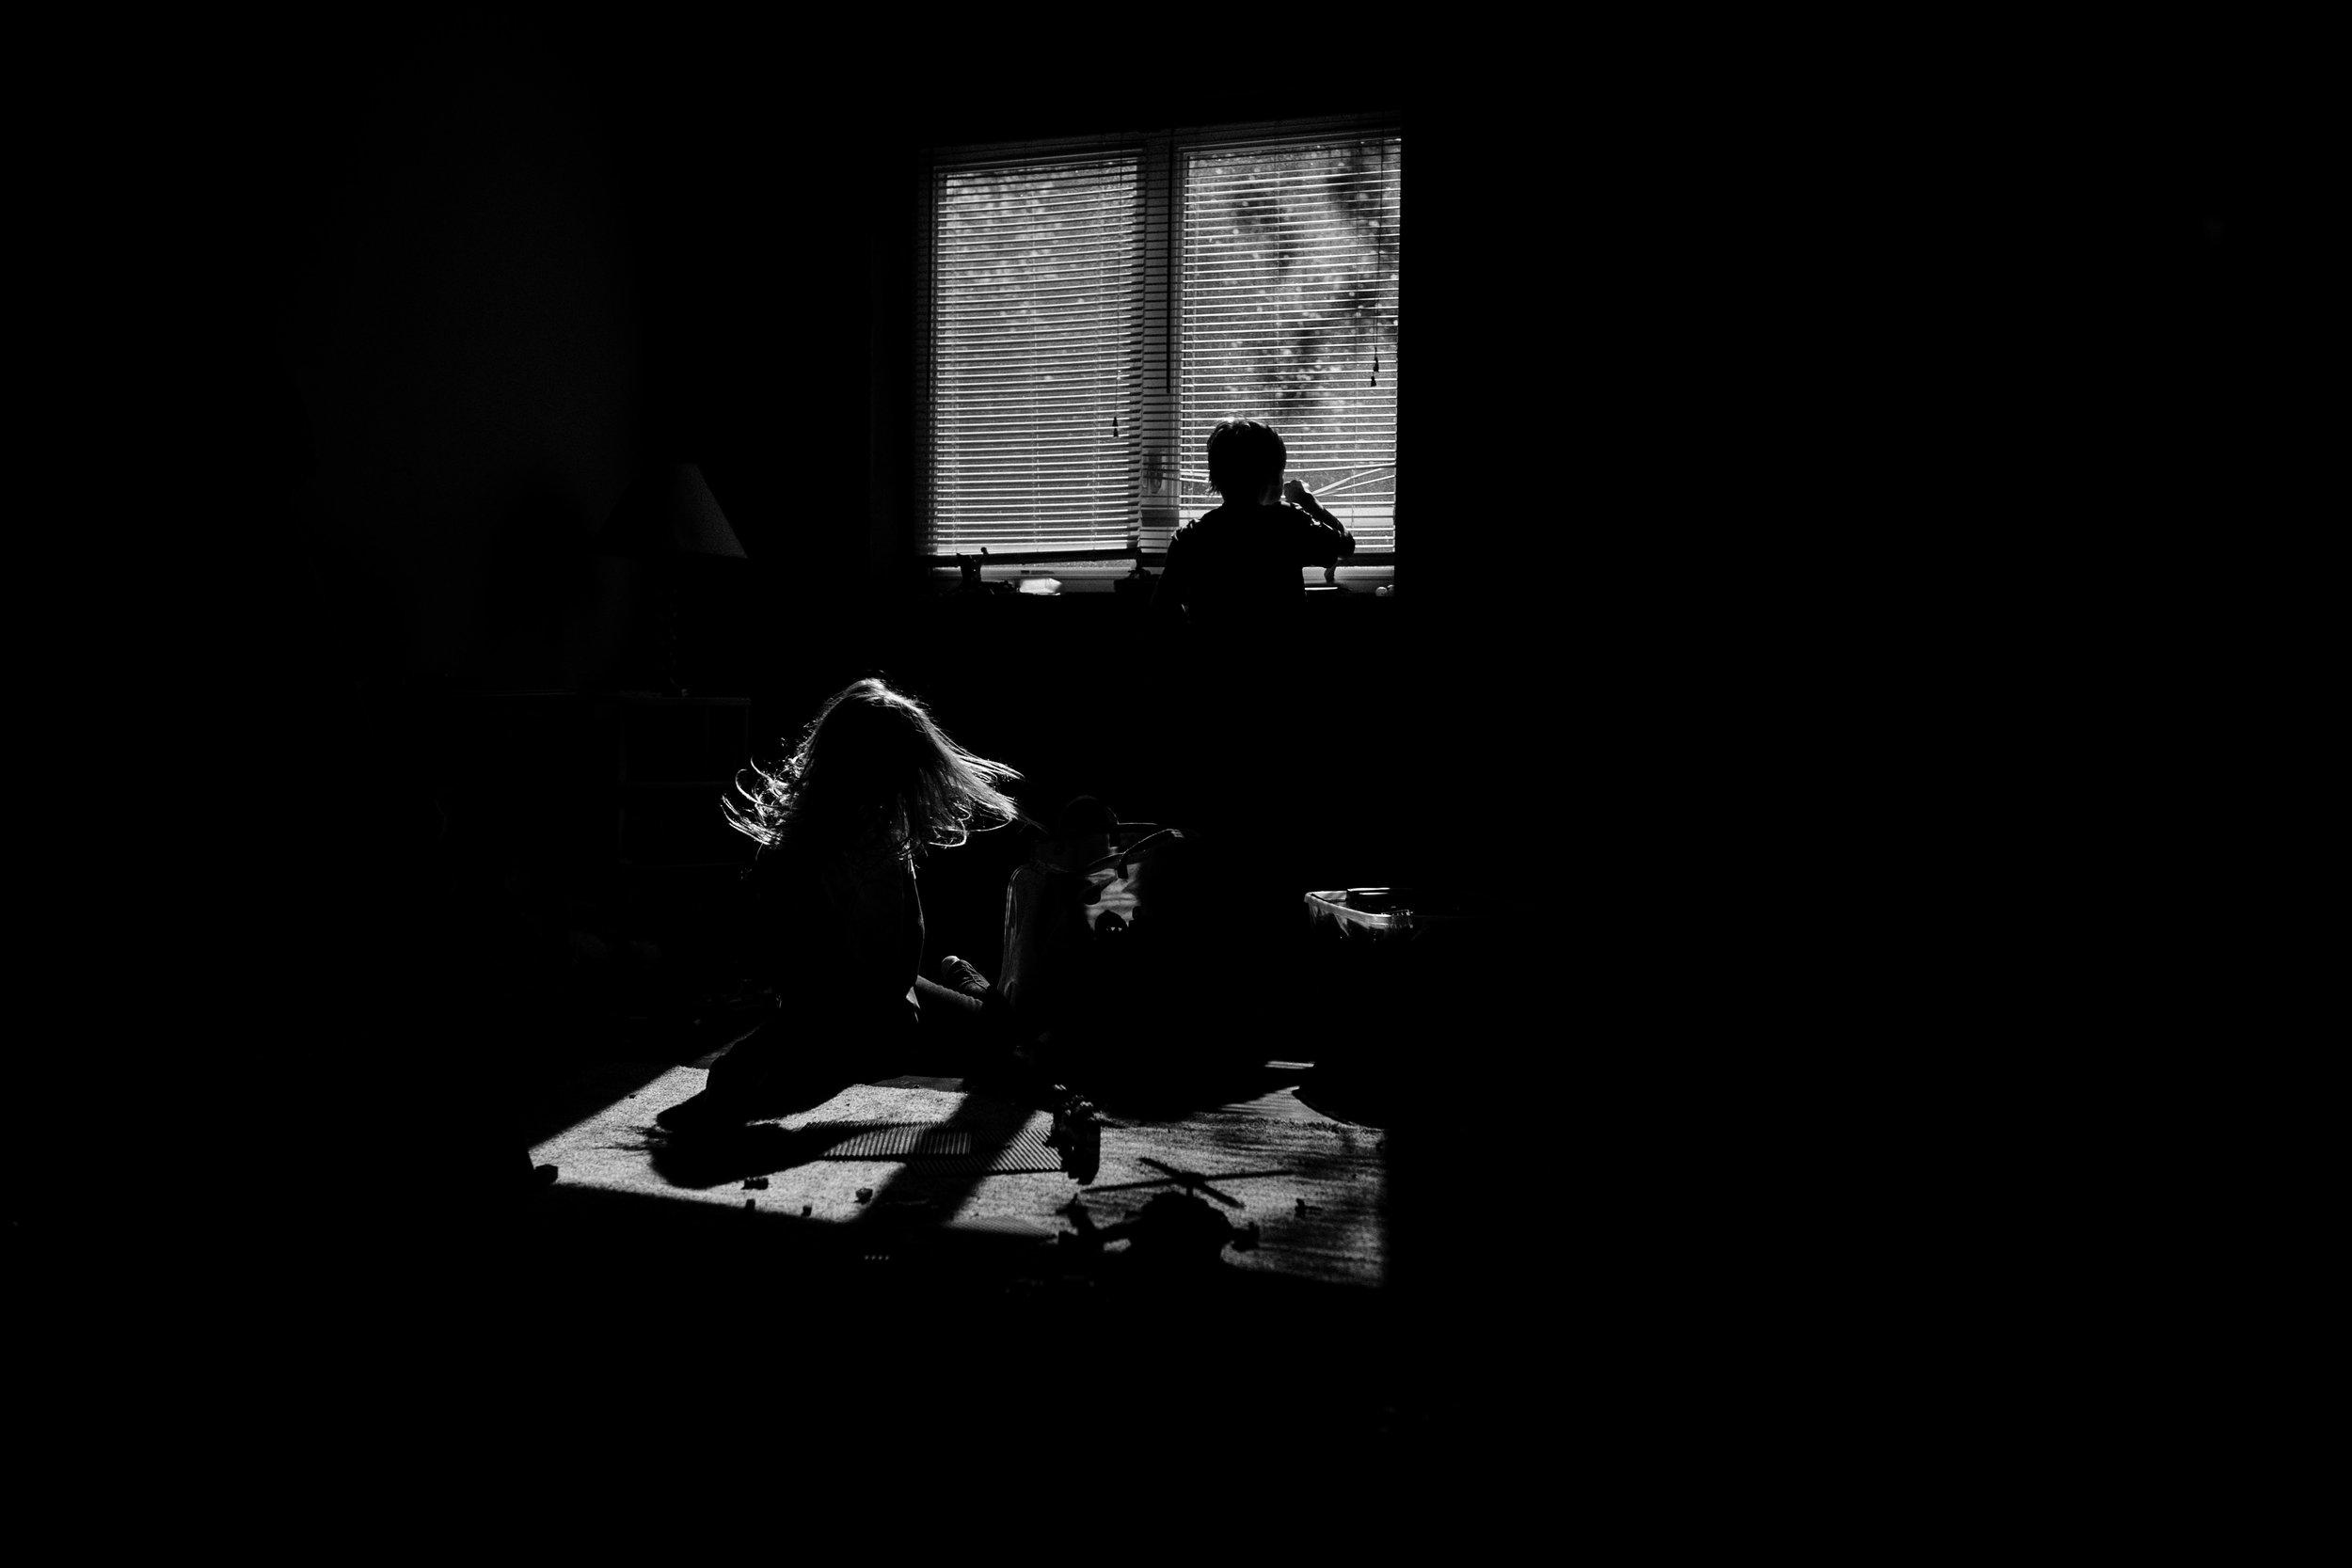 michigan-storytelling-photographer-jessica-max-16.jpg